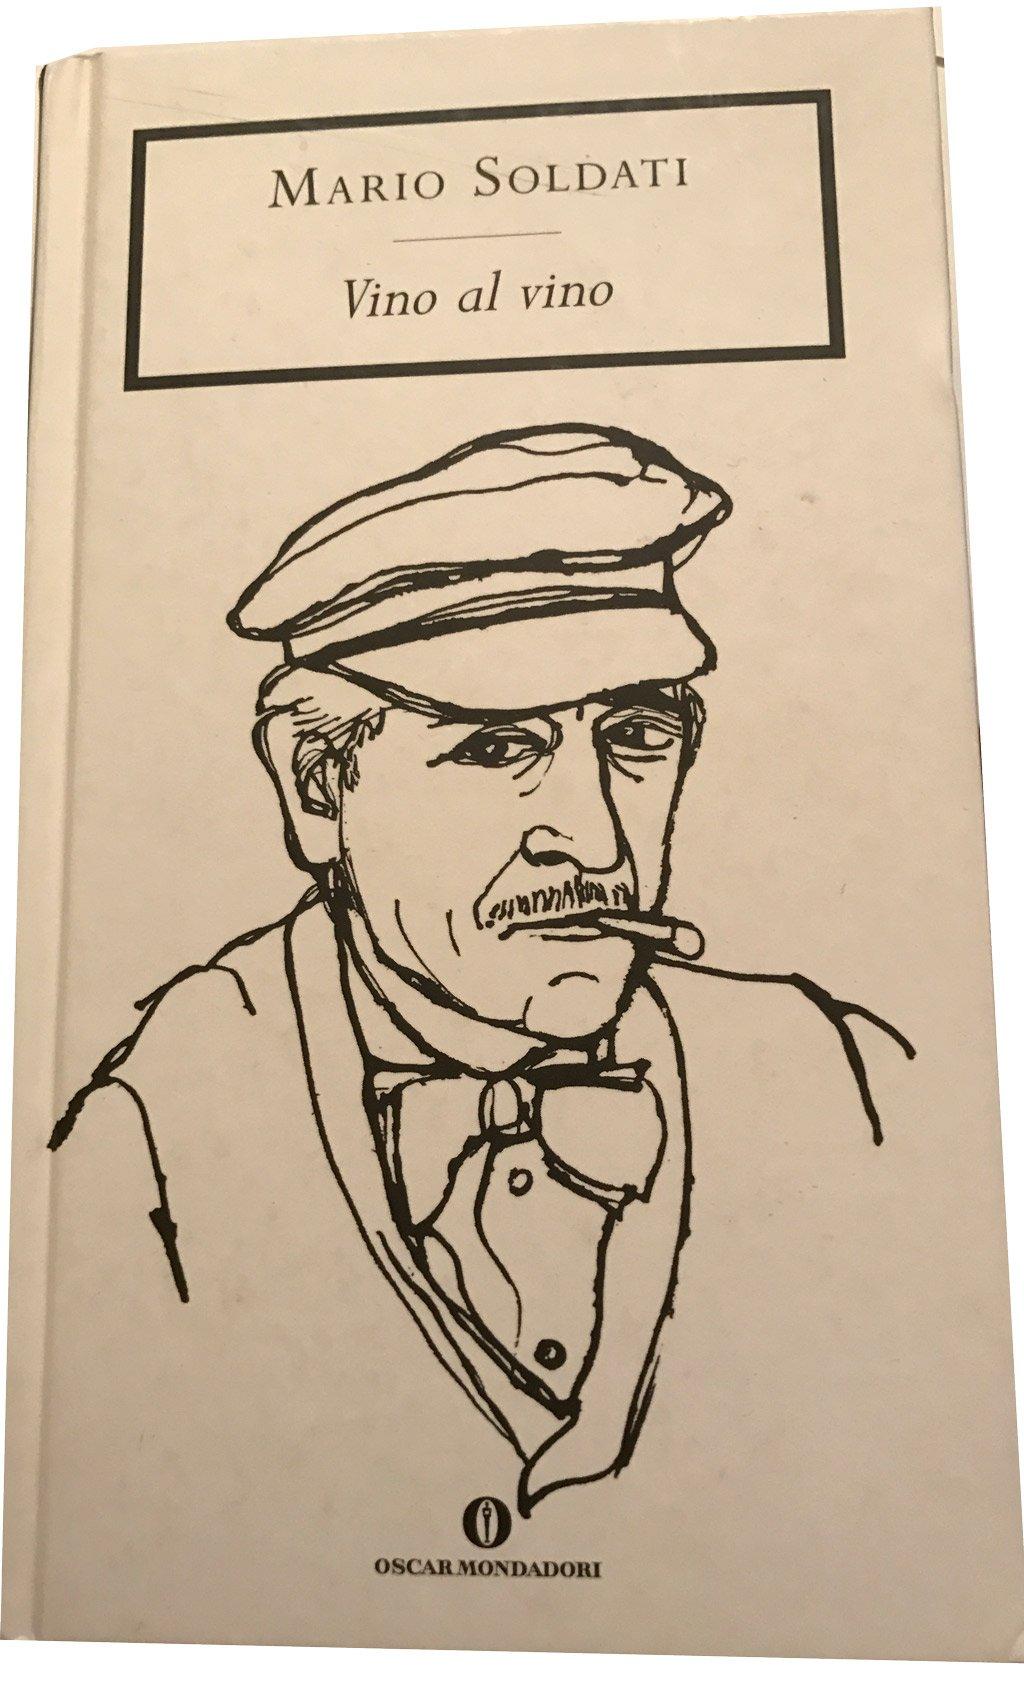 storia vini Testa copertina libro di Mario Soldati vino al vino